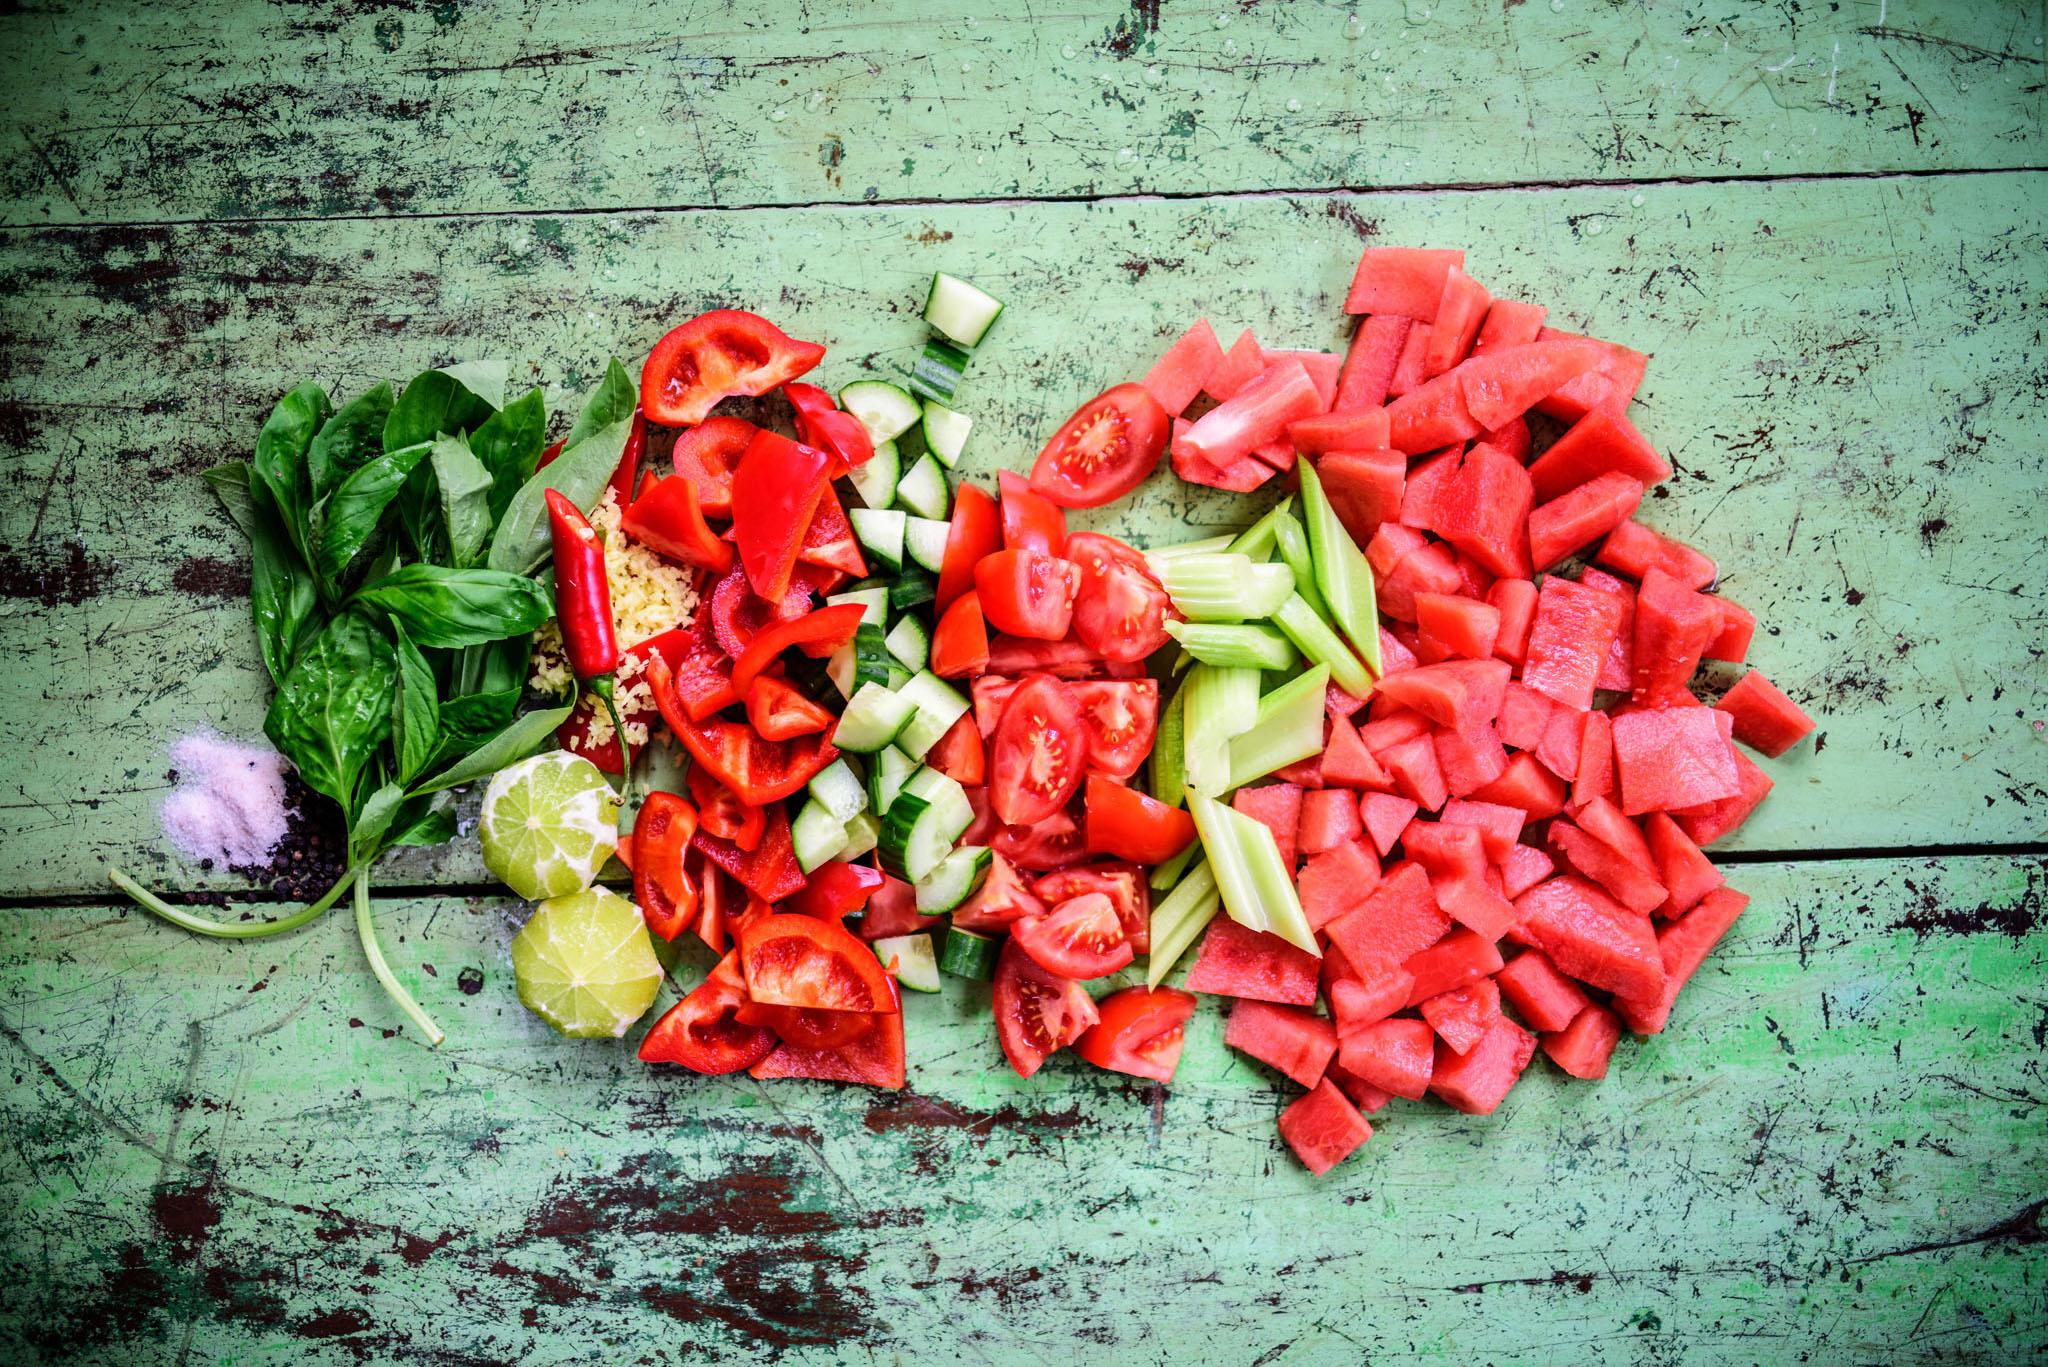 Watermelon_Gazpacho_007.jpg